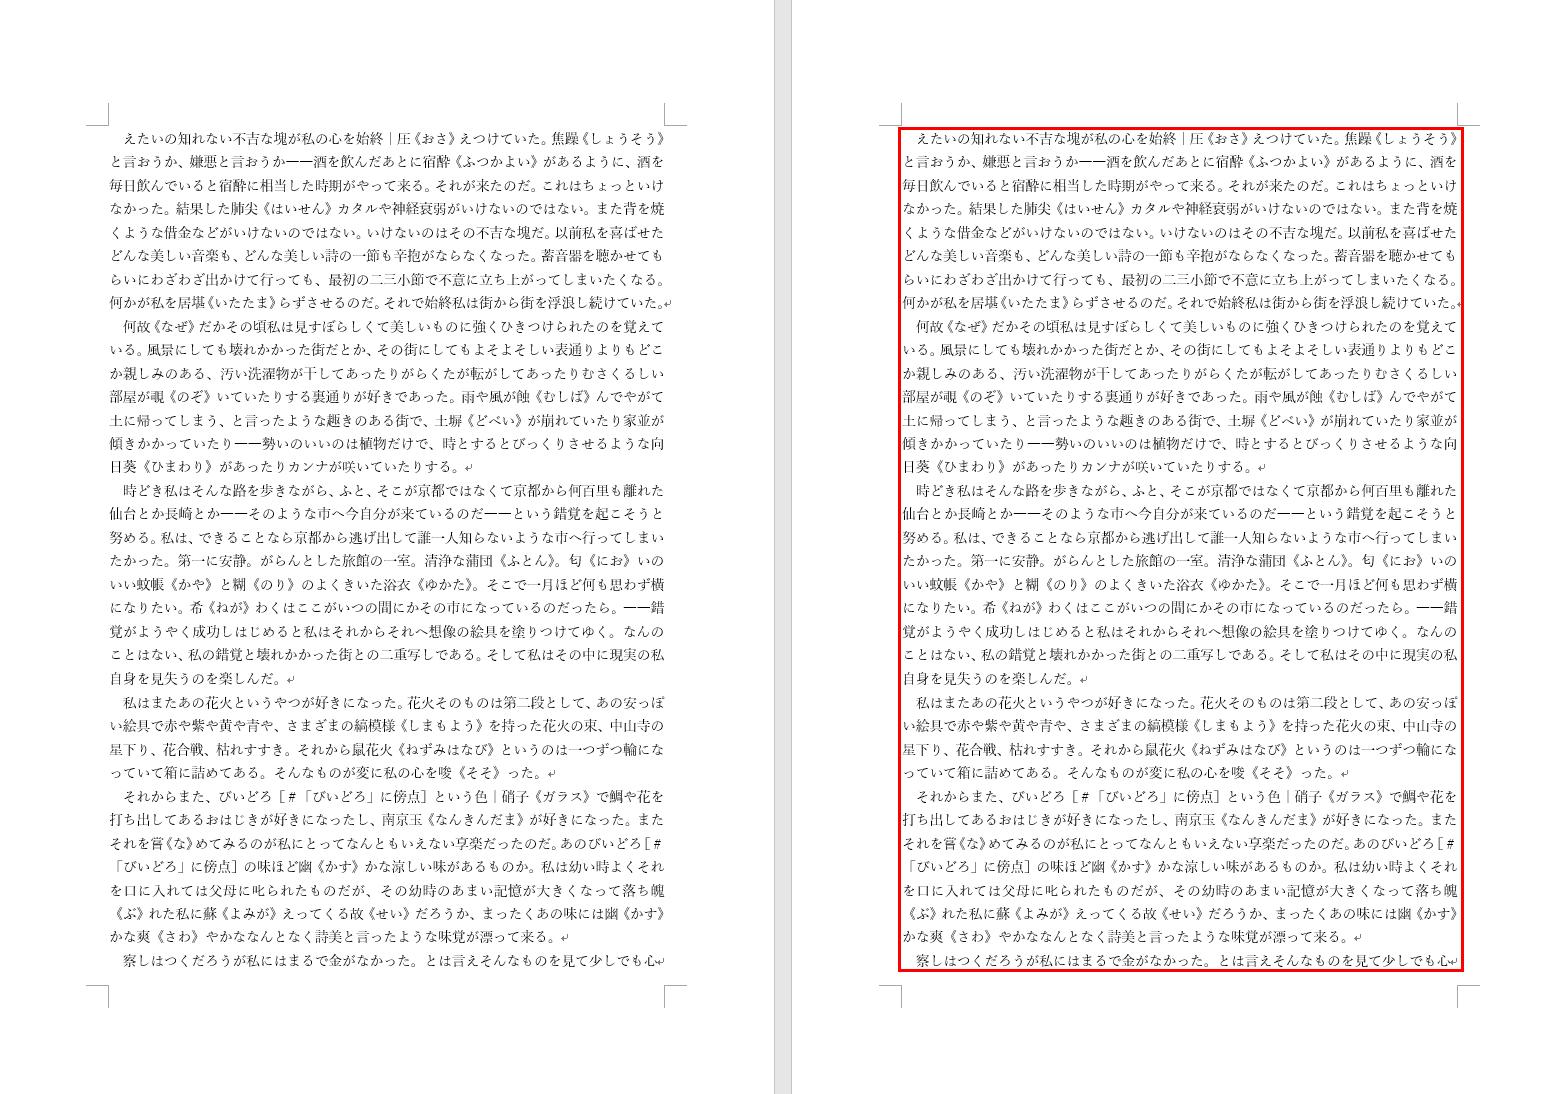 1ページを貼り付け